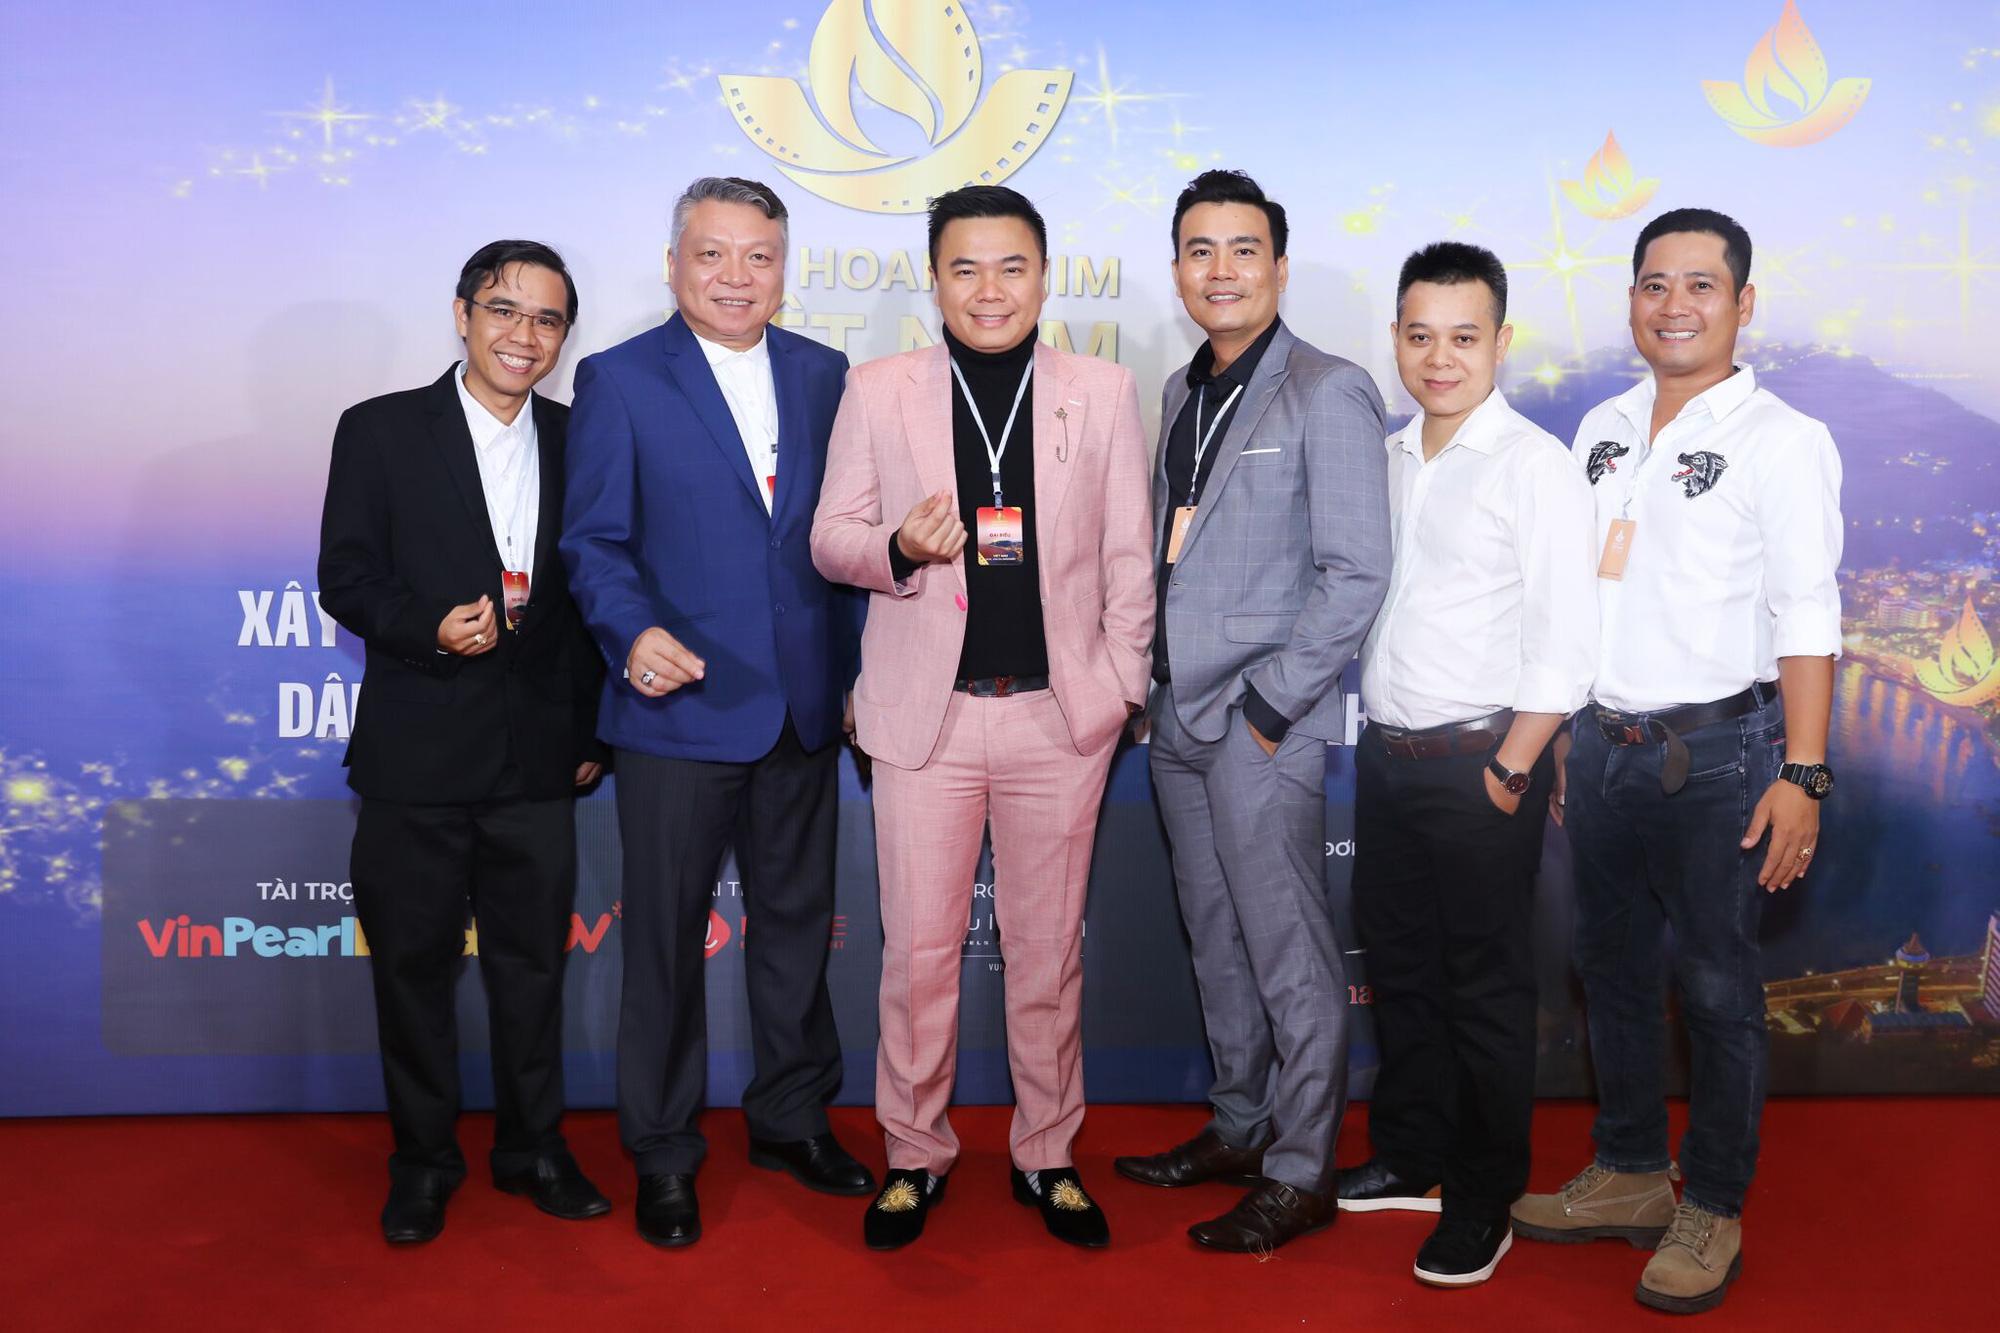 Đạo diễn Nhất Trung thắng giải Biên kịch xuất sắc nhất tại Liên hoan phim Việt Nam 2019 - Ảnh 1.